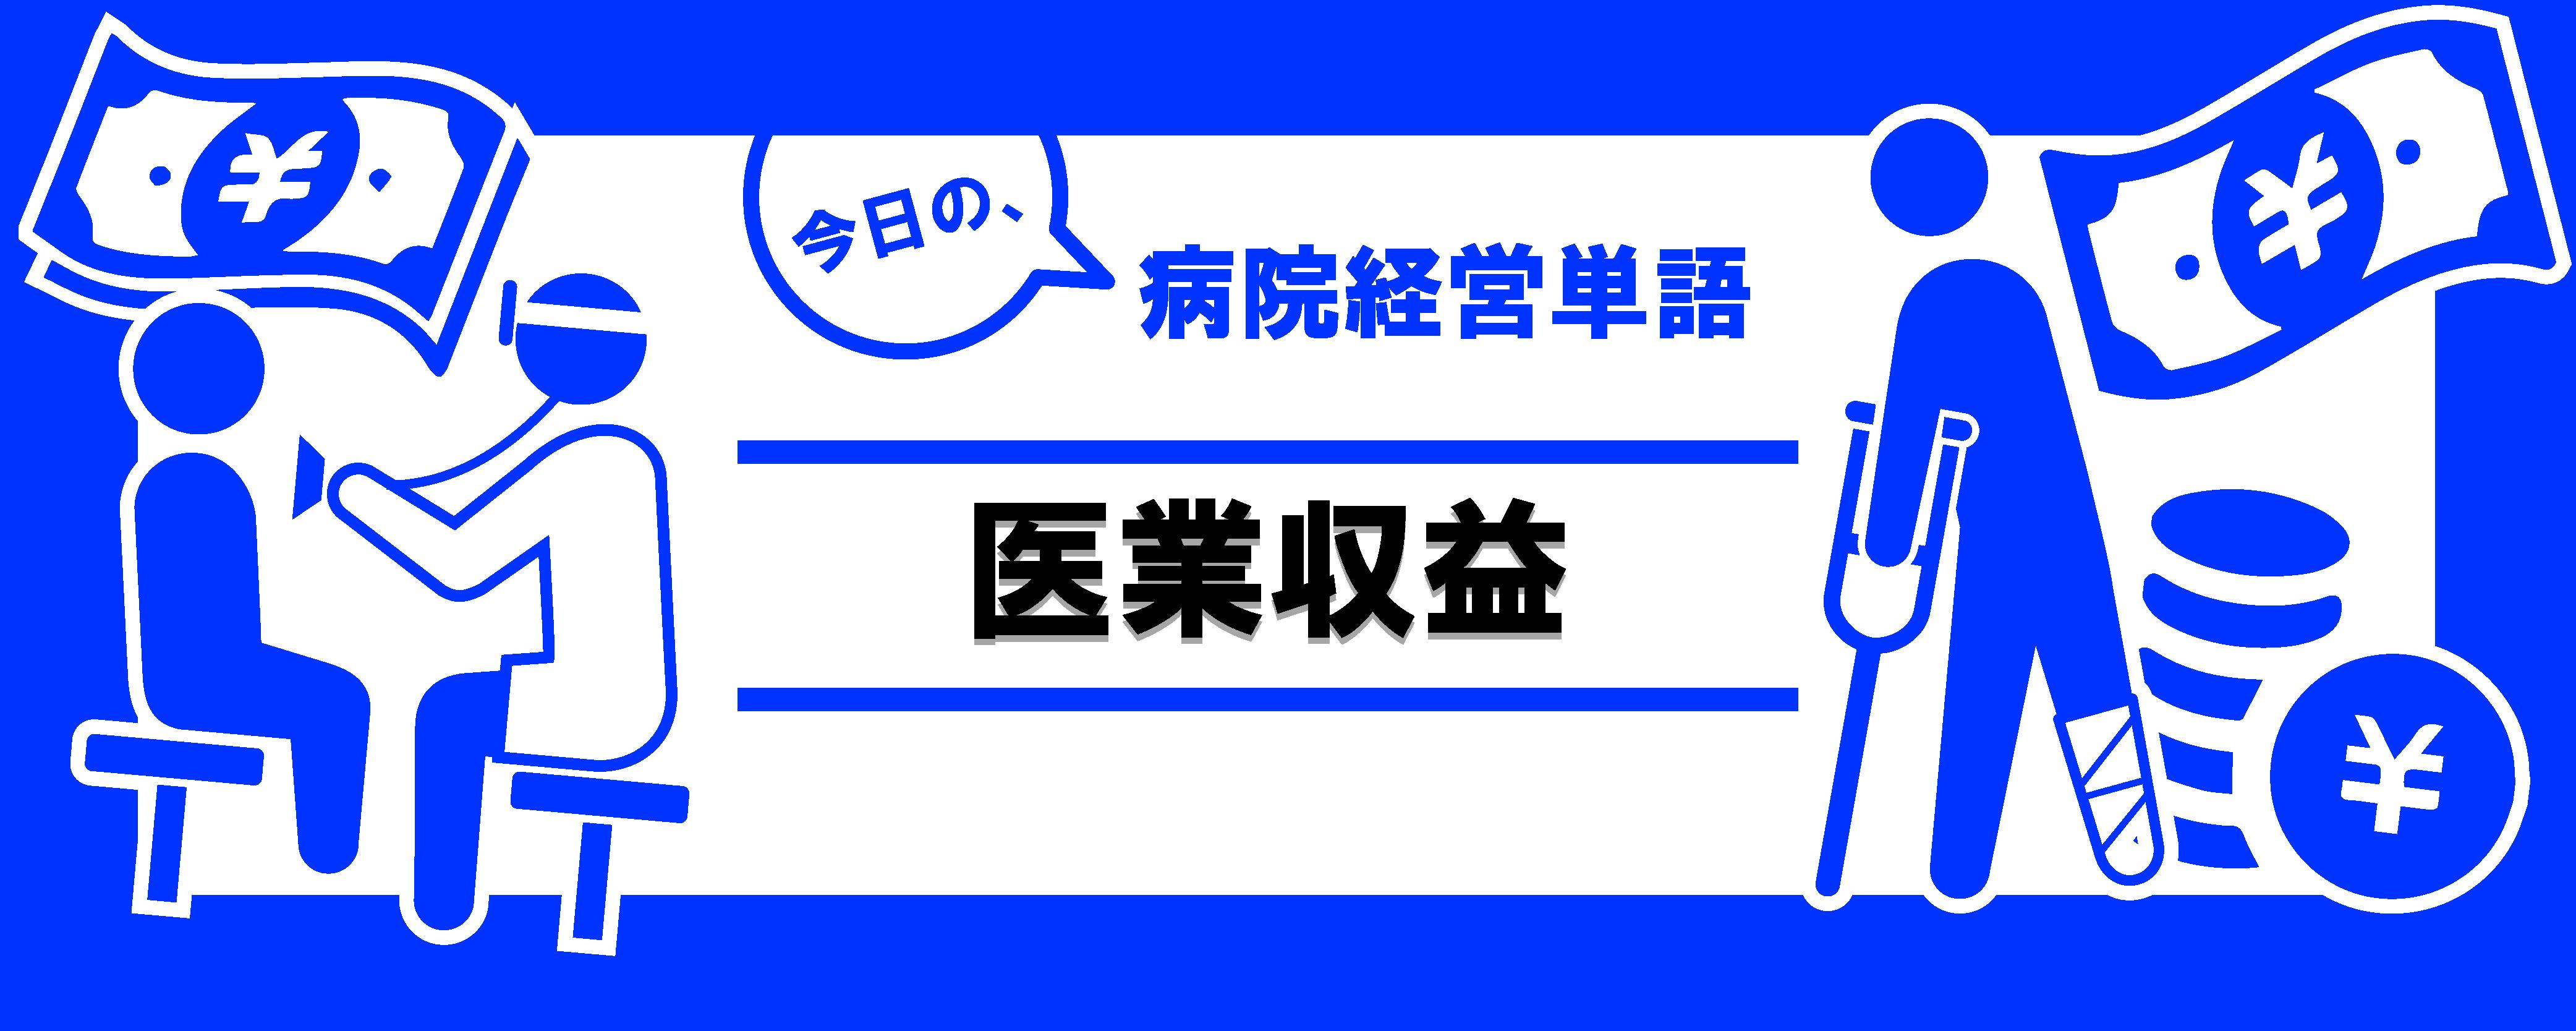 22.経営単語_記事画像